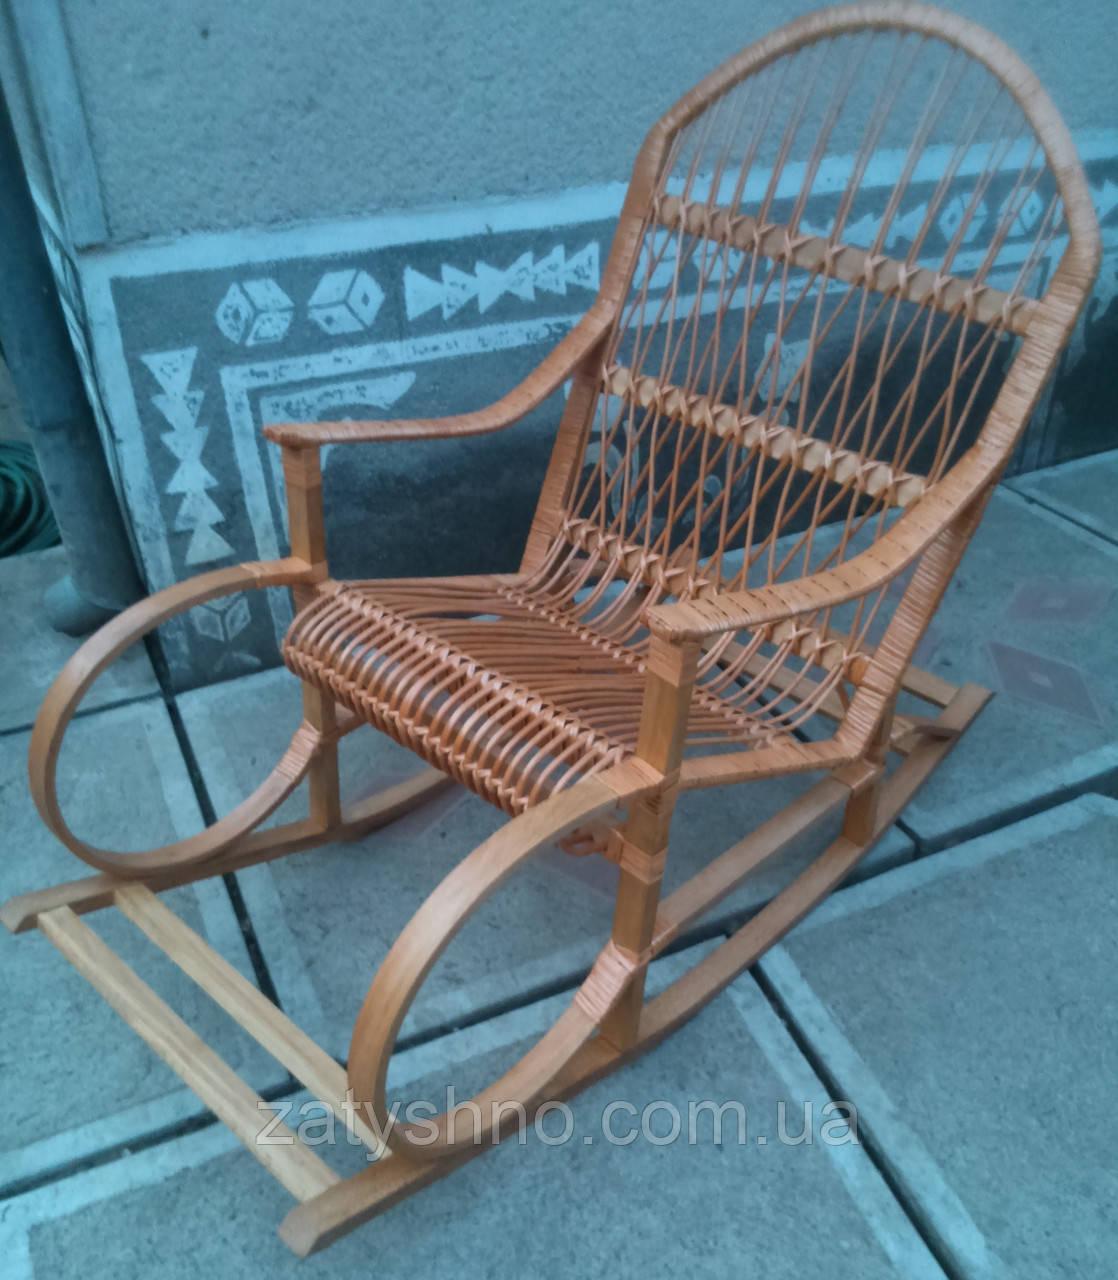 Кресло качалка плетеная из лозы | кресло-качалка для отдыха садовая для дачи